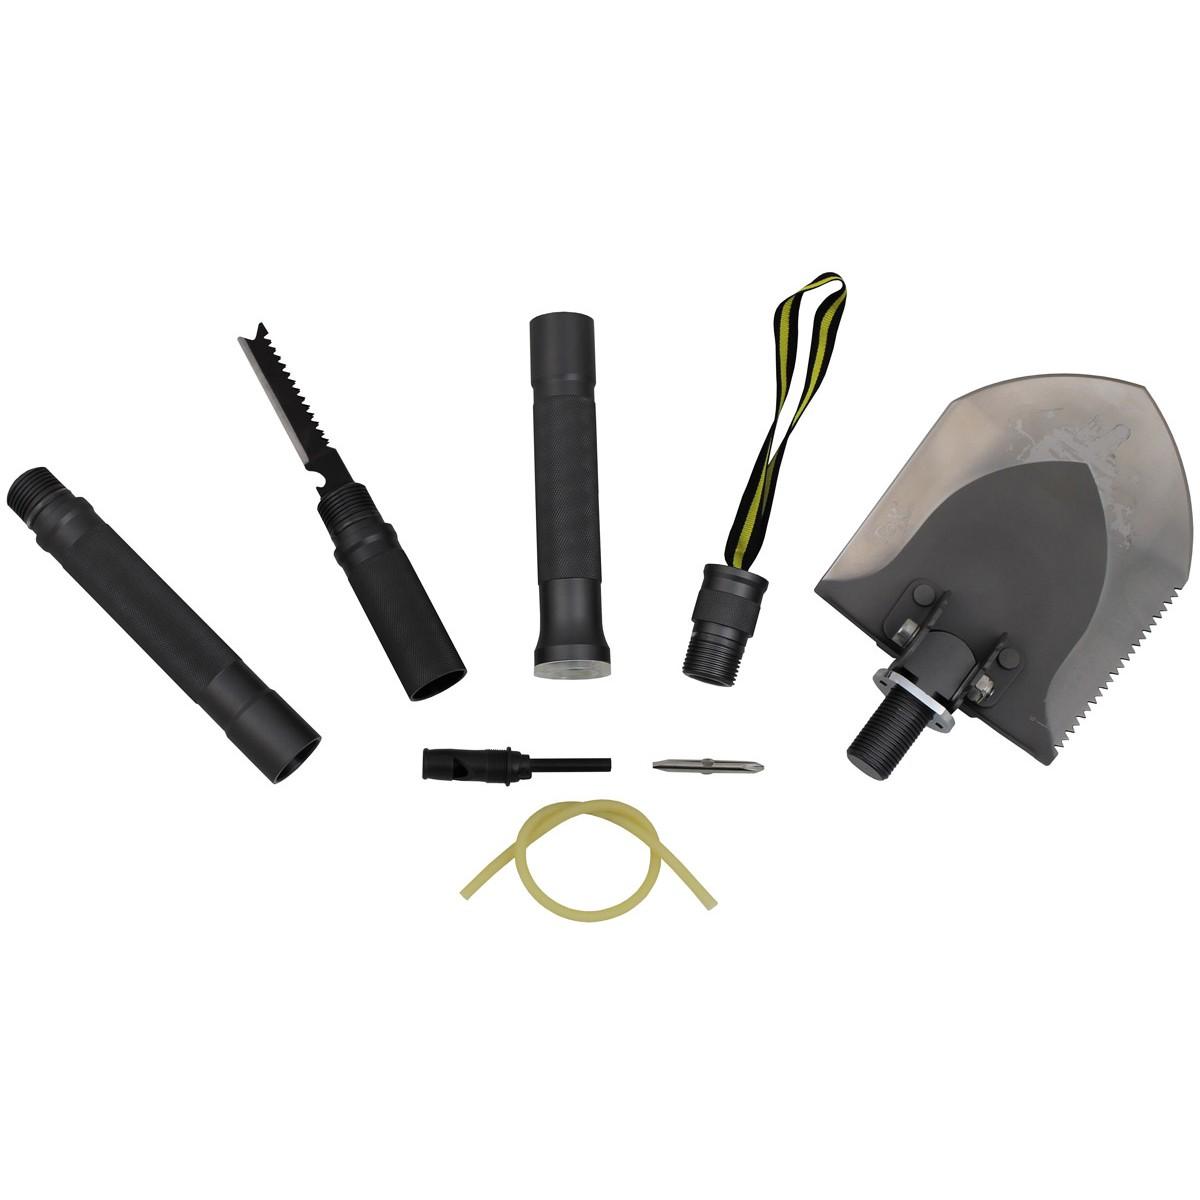 buldog-2-lopatka-outdoor-detektory-kovu-zipsy-rozlozene